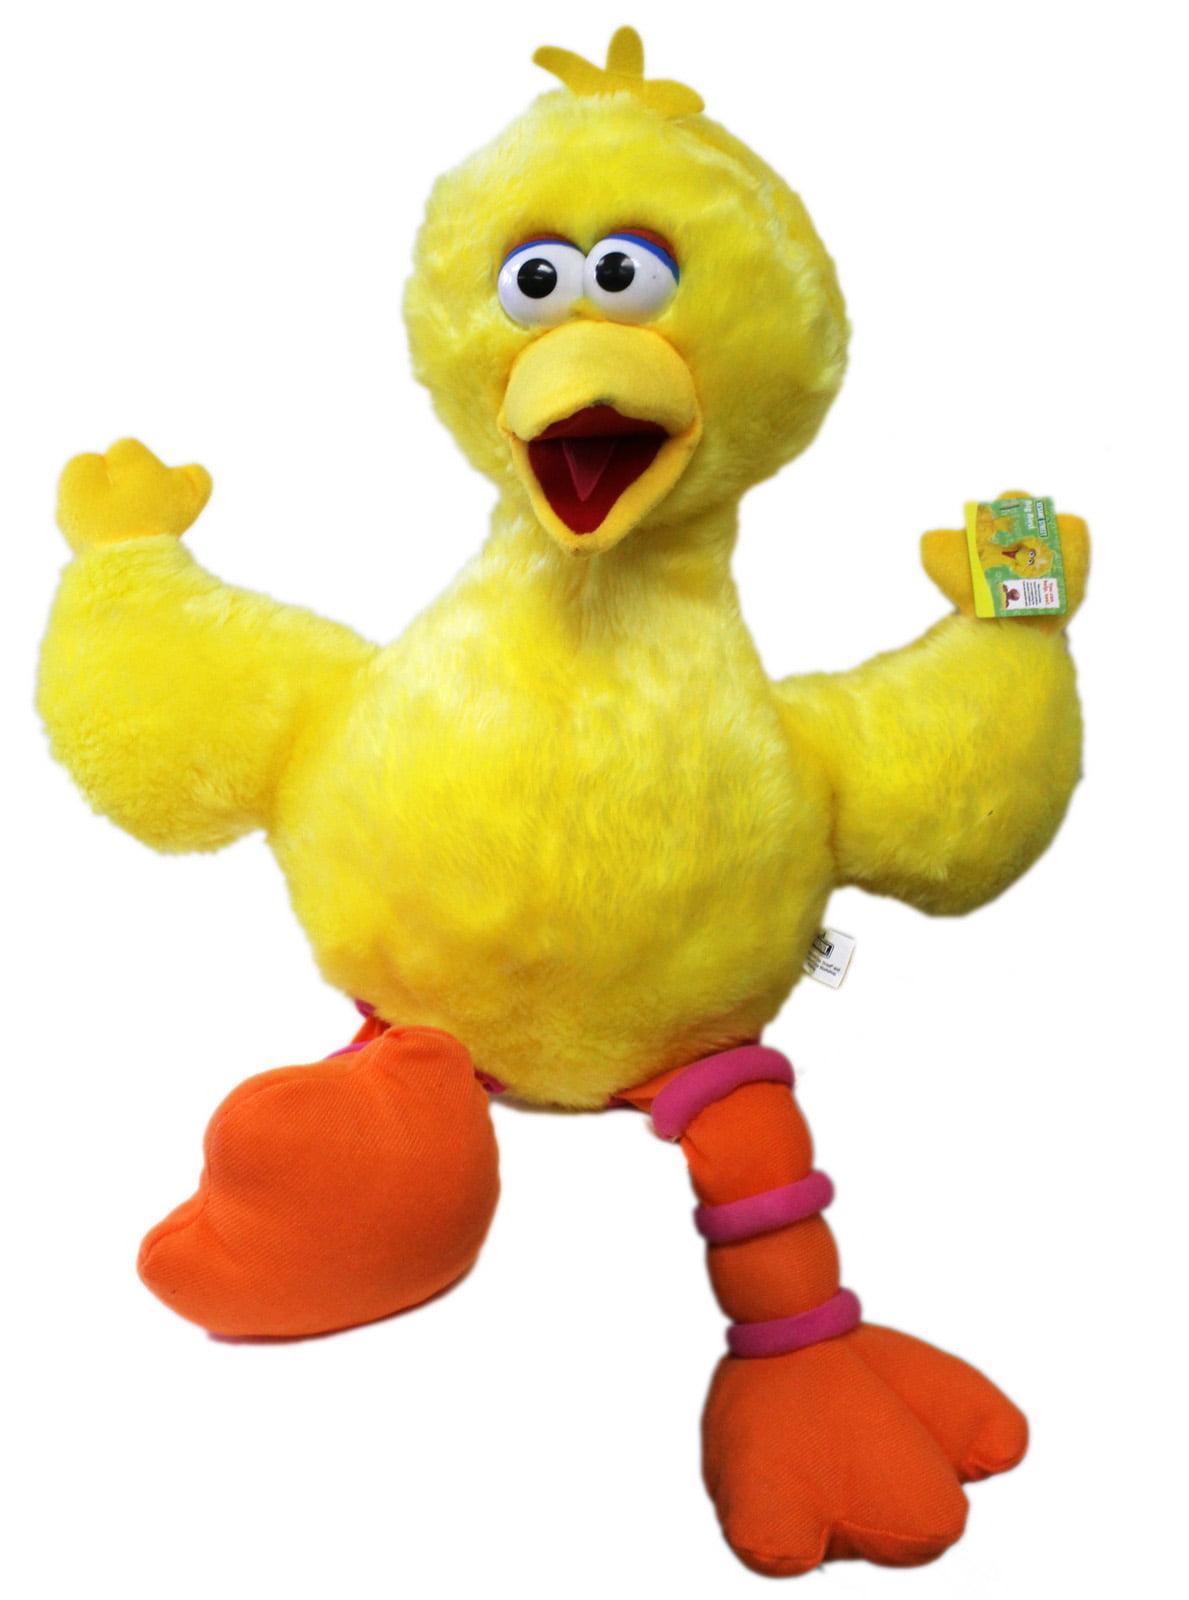 Sesame Street's Big Bird Plush Feathers w Stiff Body Kids Toy (27in) by